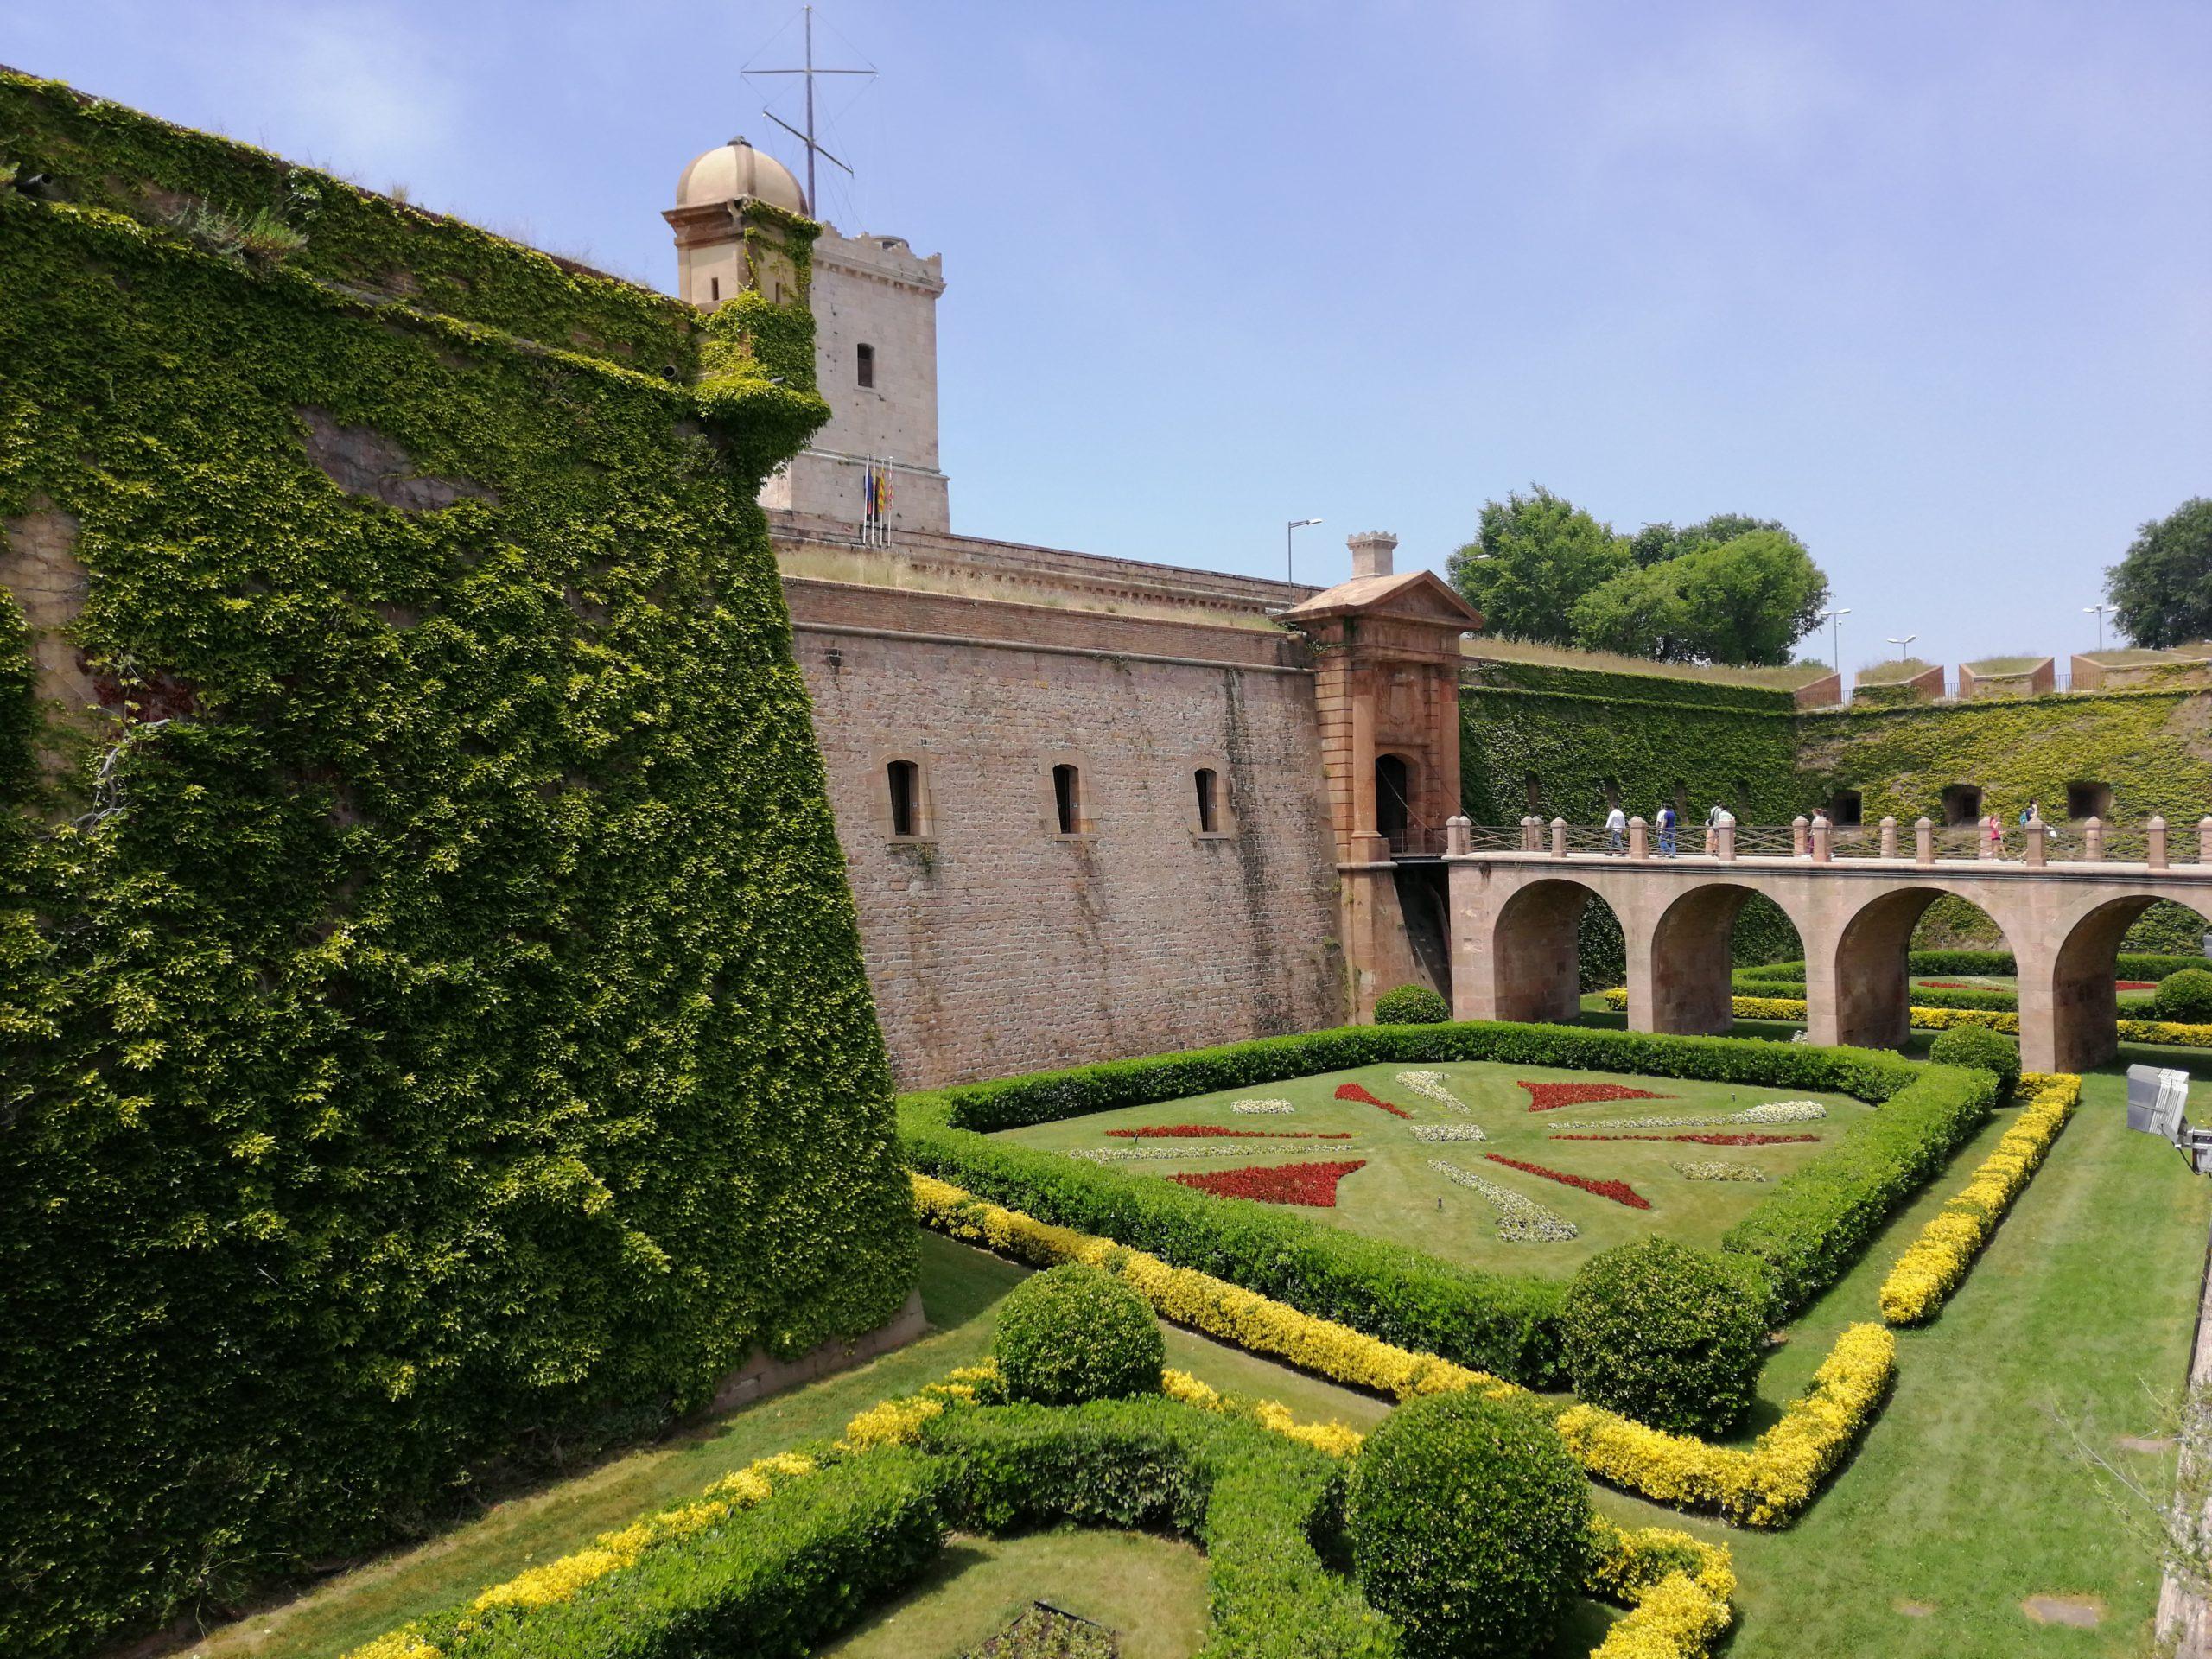 Zamek na wzgórzu Montjuic w Barcelonie